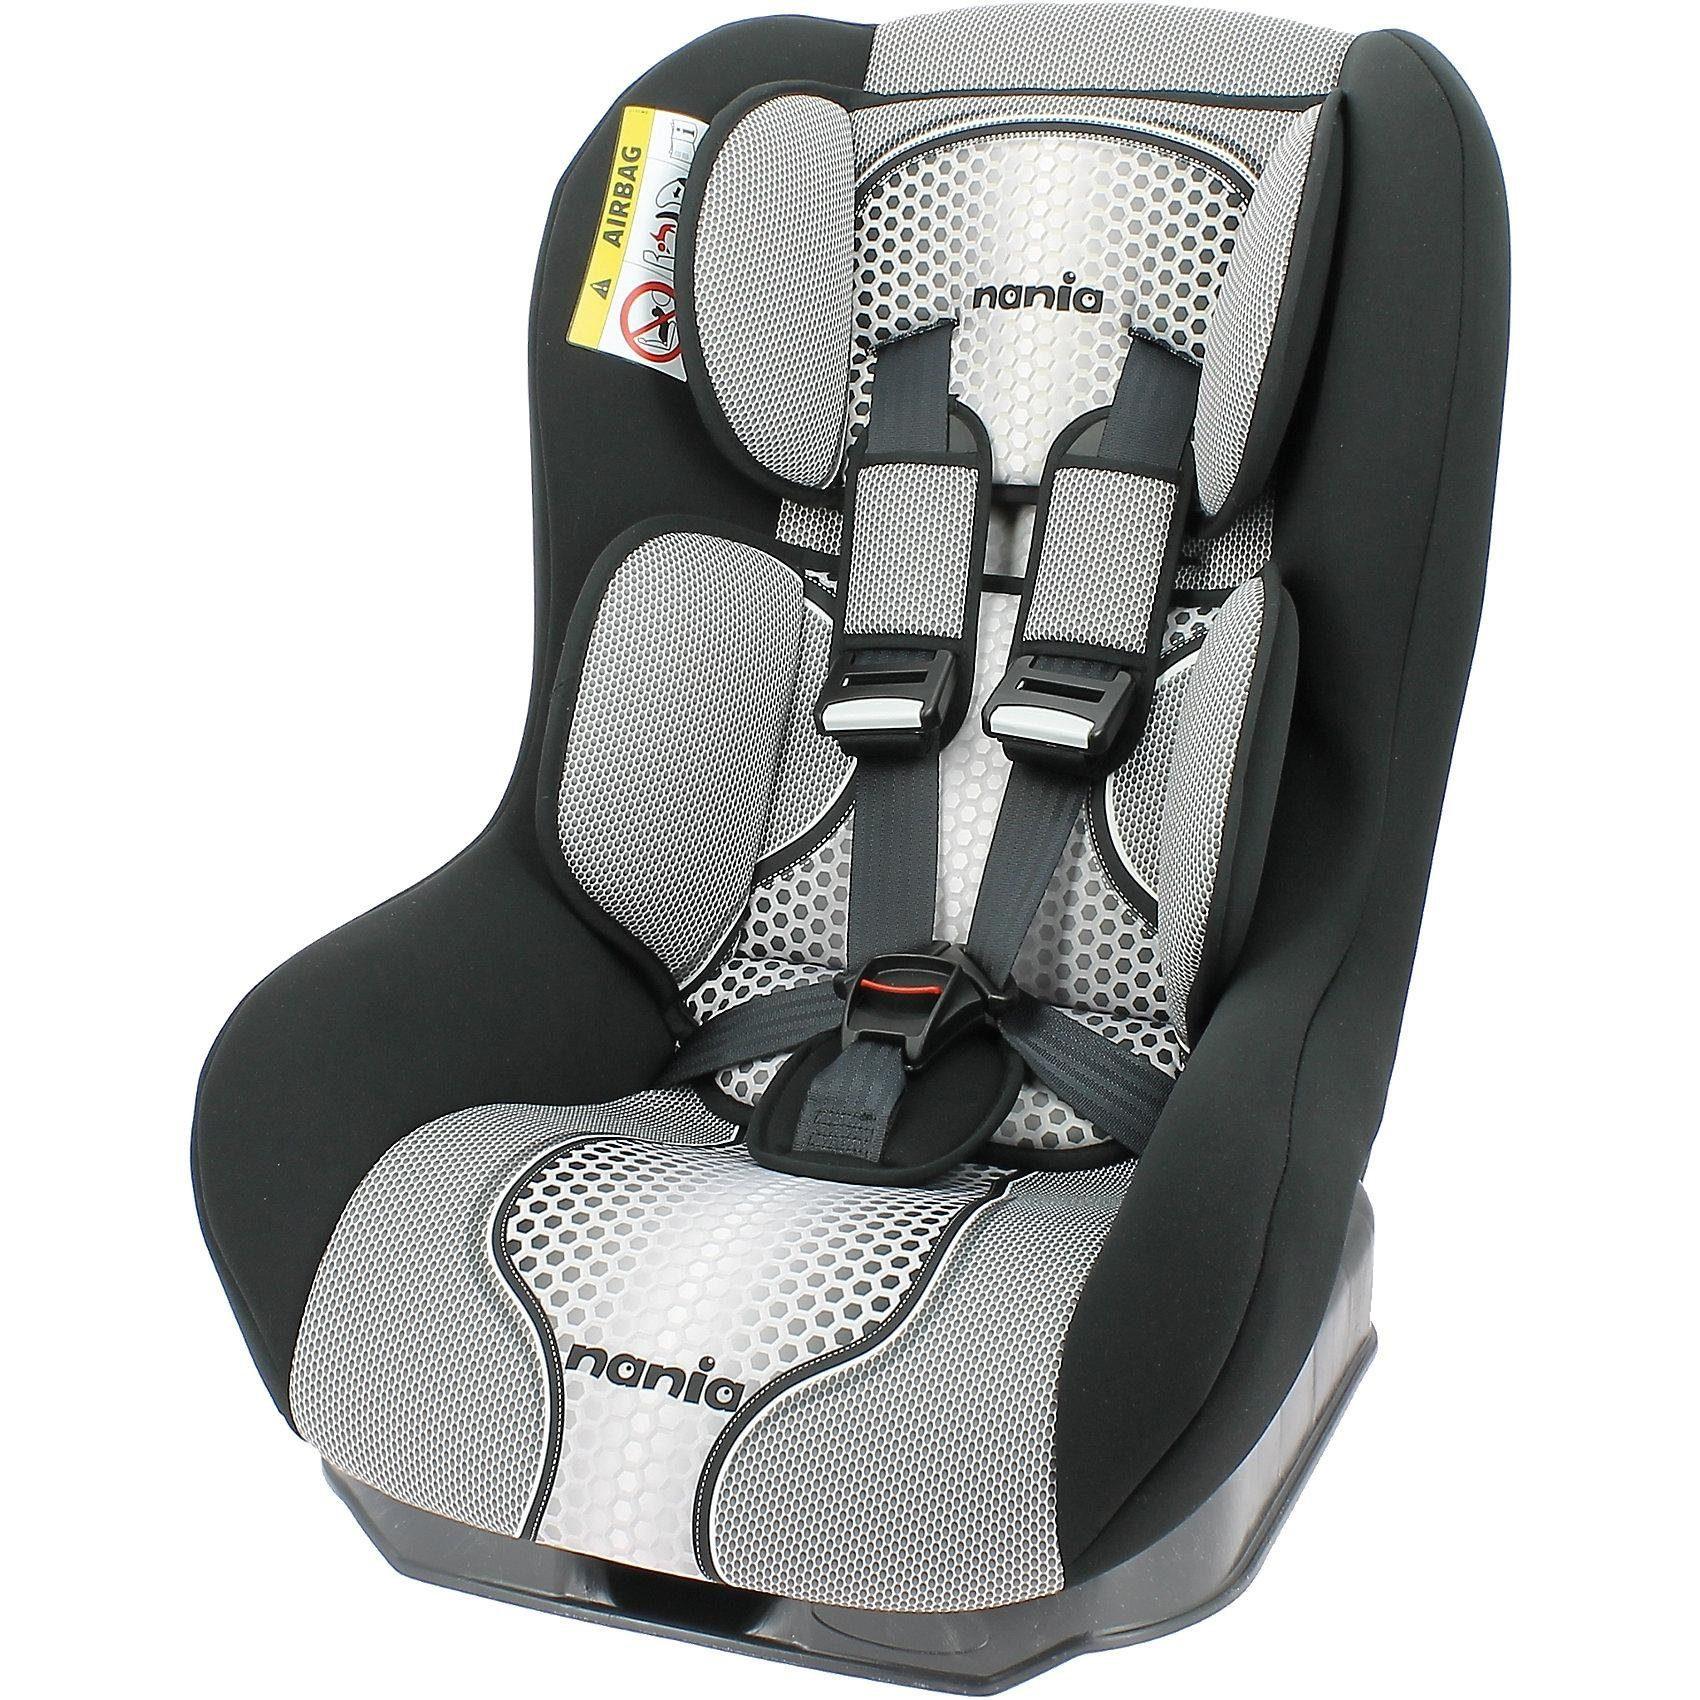 Osann Auto-Kindersitz Safety Plus NT, Pop Black, 2017